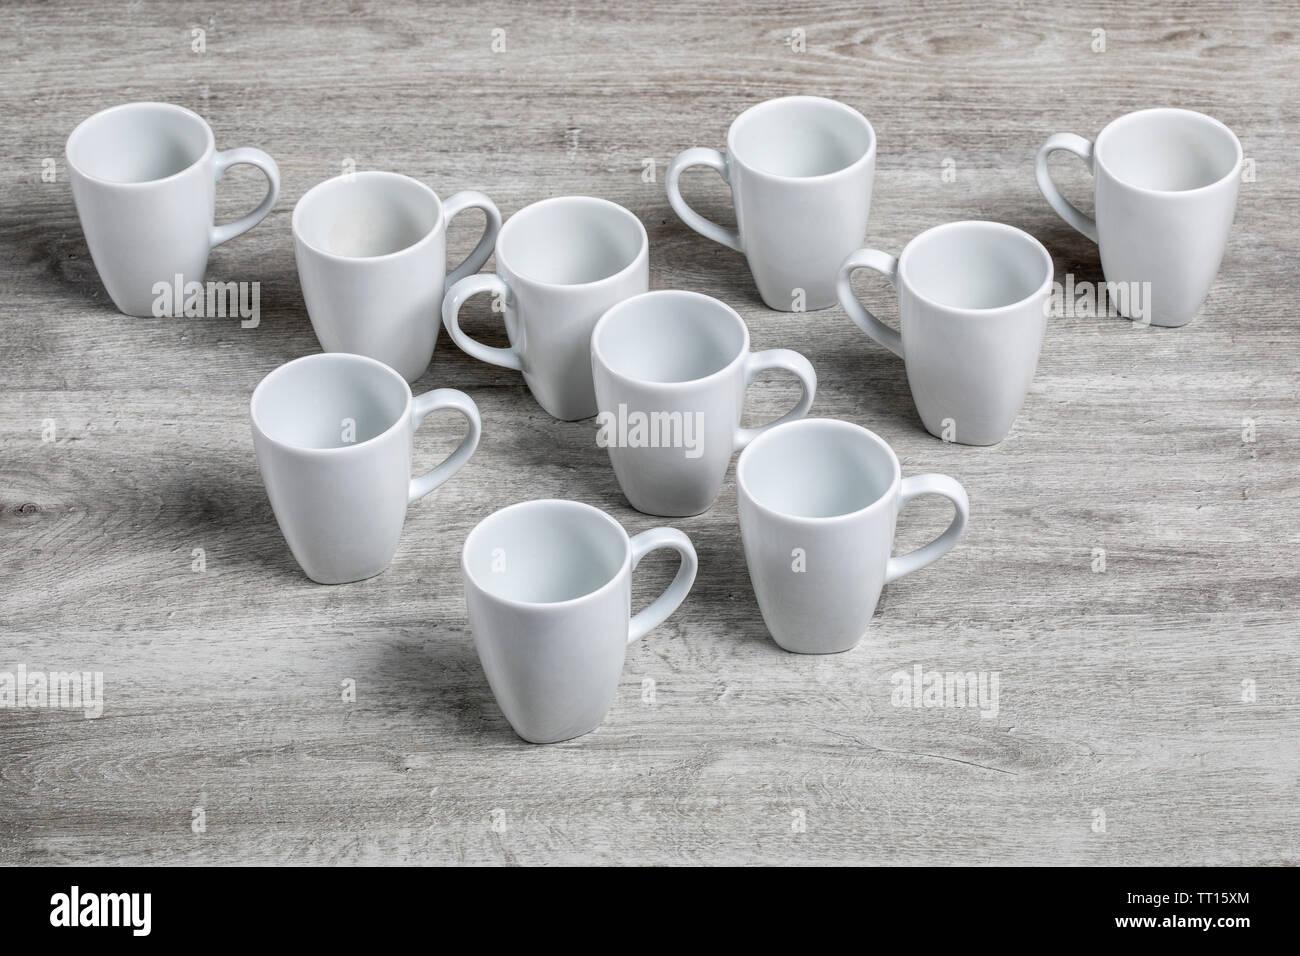 White beakers - Stock Image